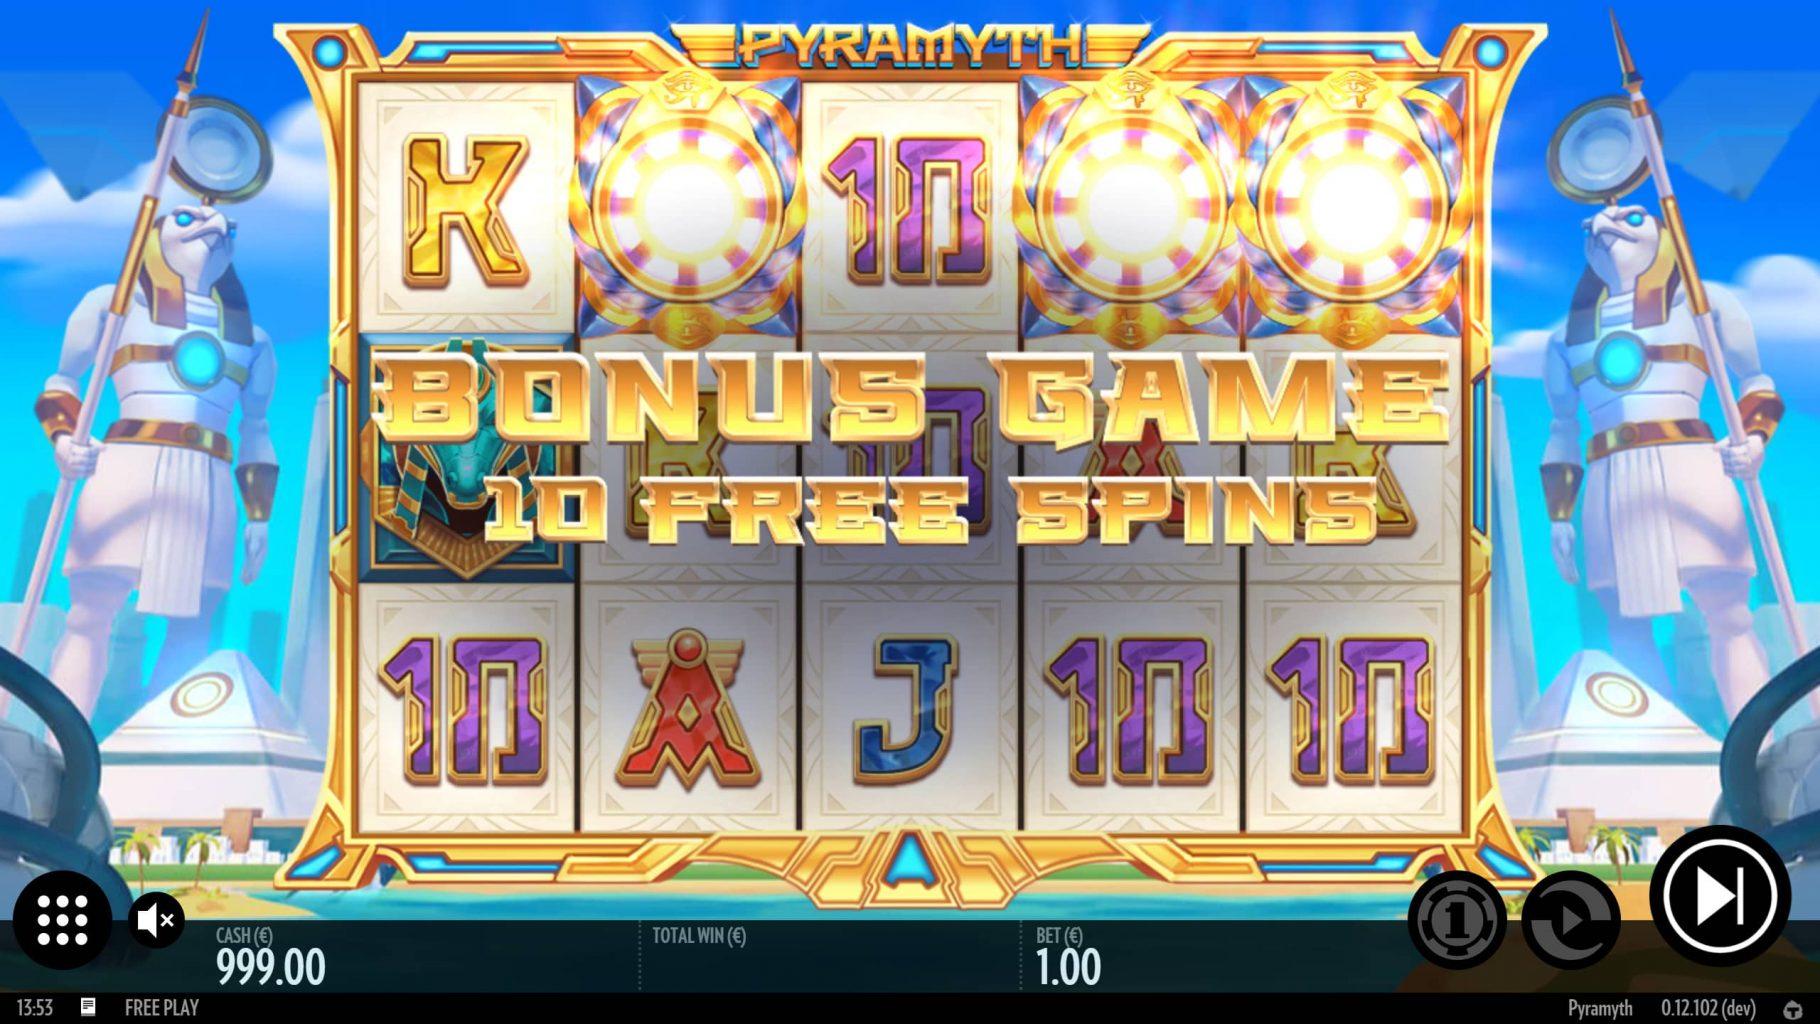 Pyramyth Bonus Game